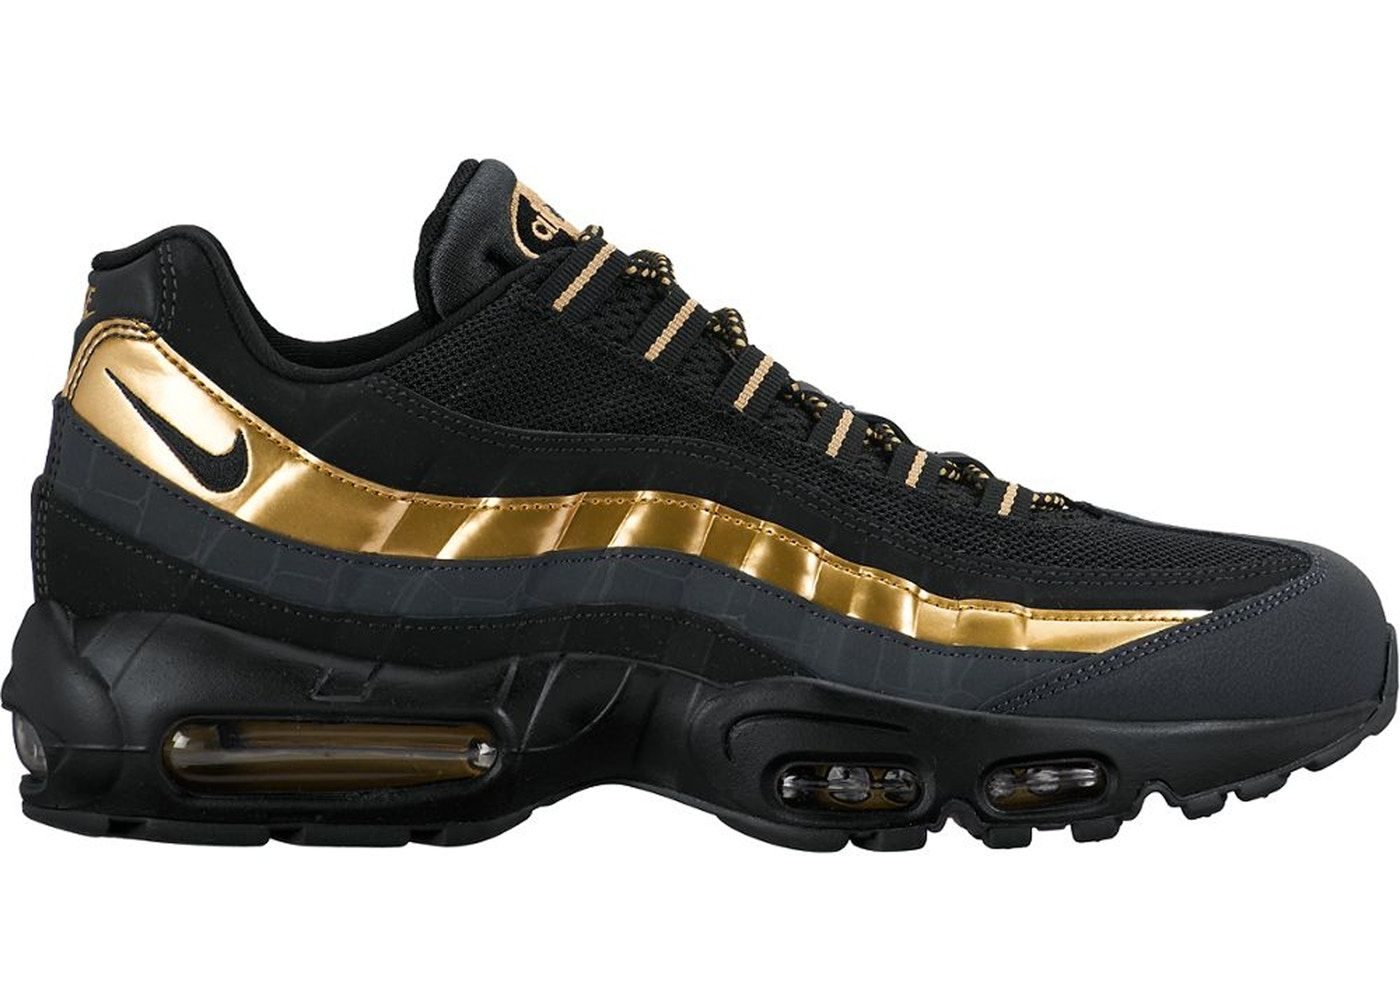 Nike Air Max 95 Black Metallic Gold Anthracite 38416007 Nike